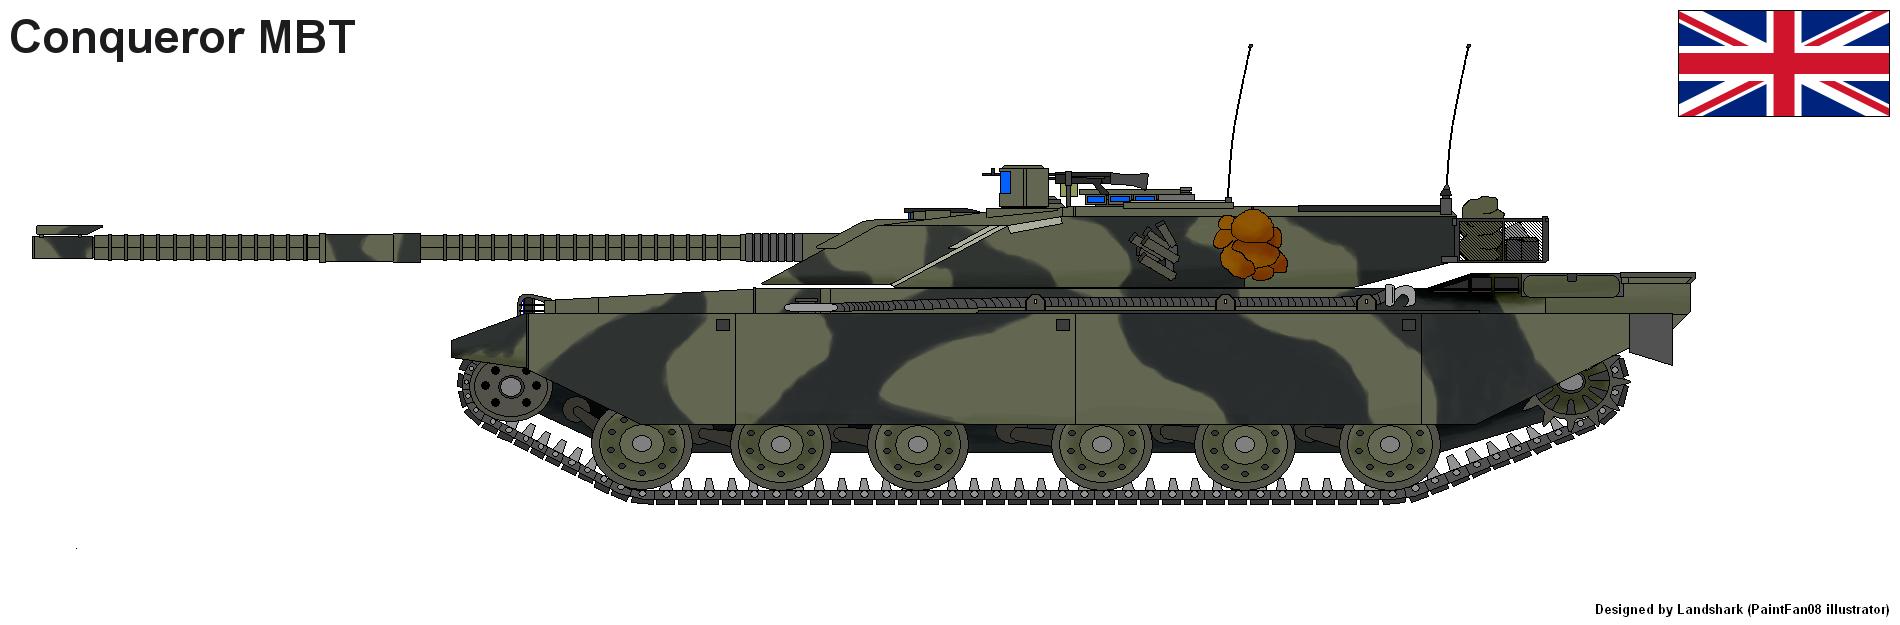 Conqueror MBT by PaintFan08